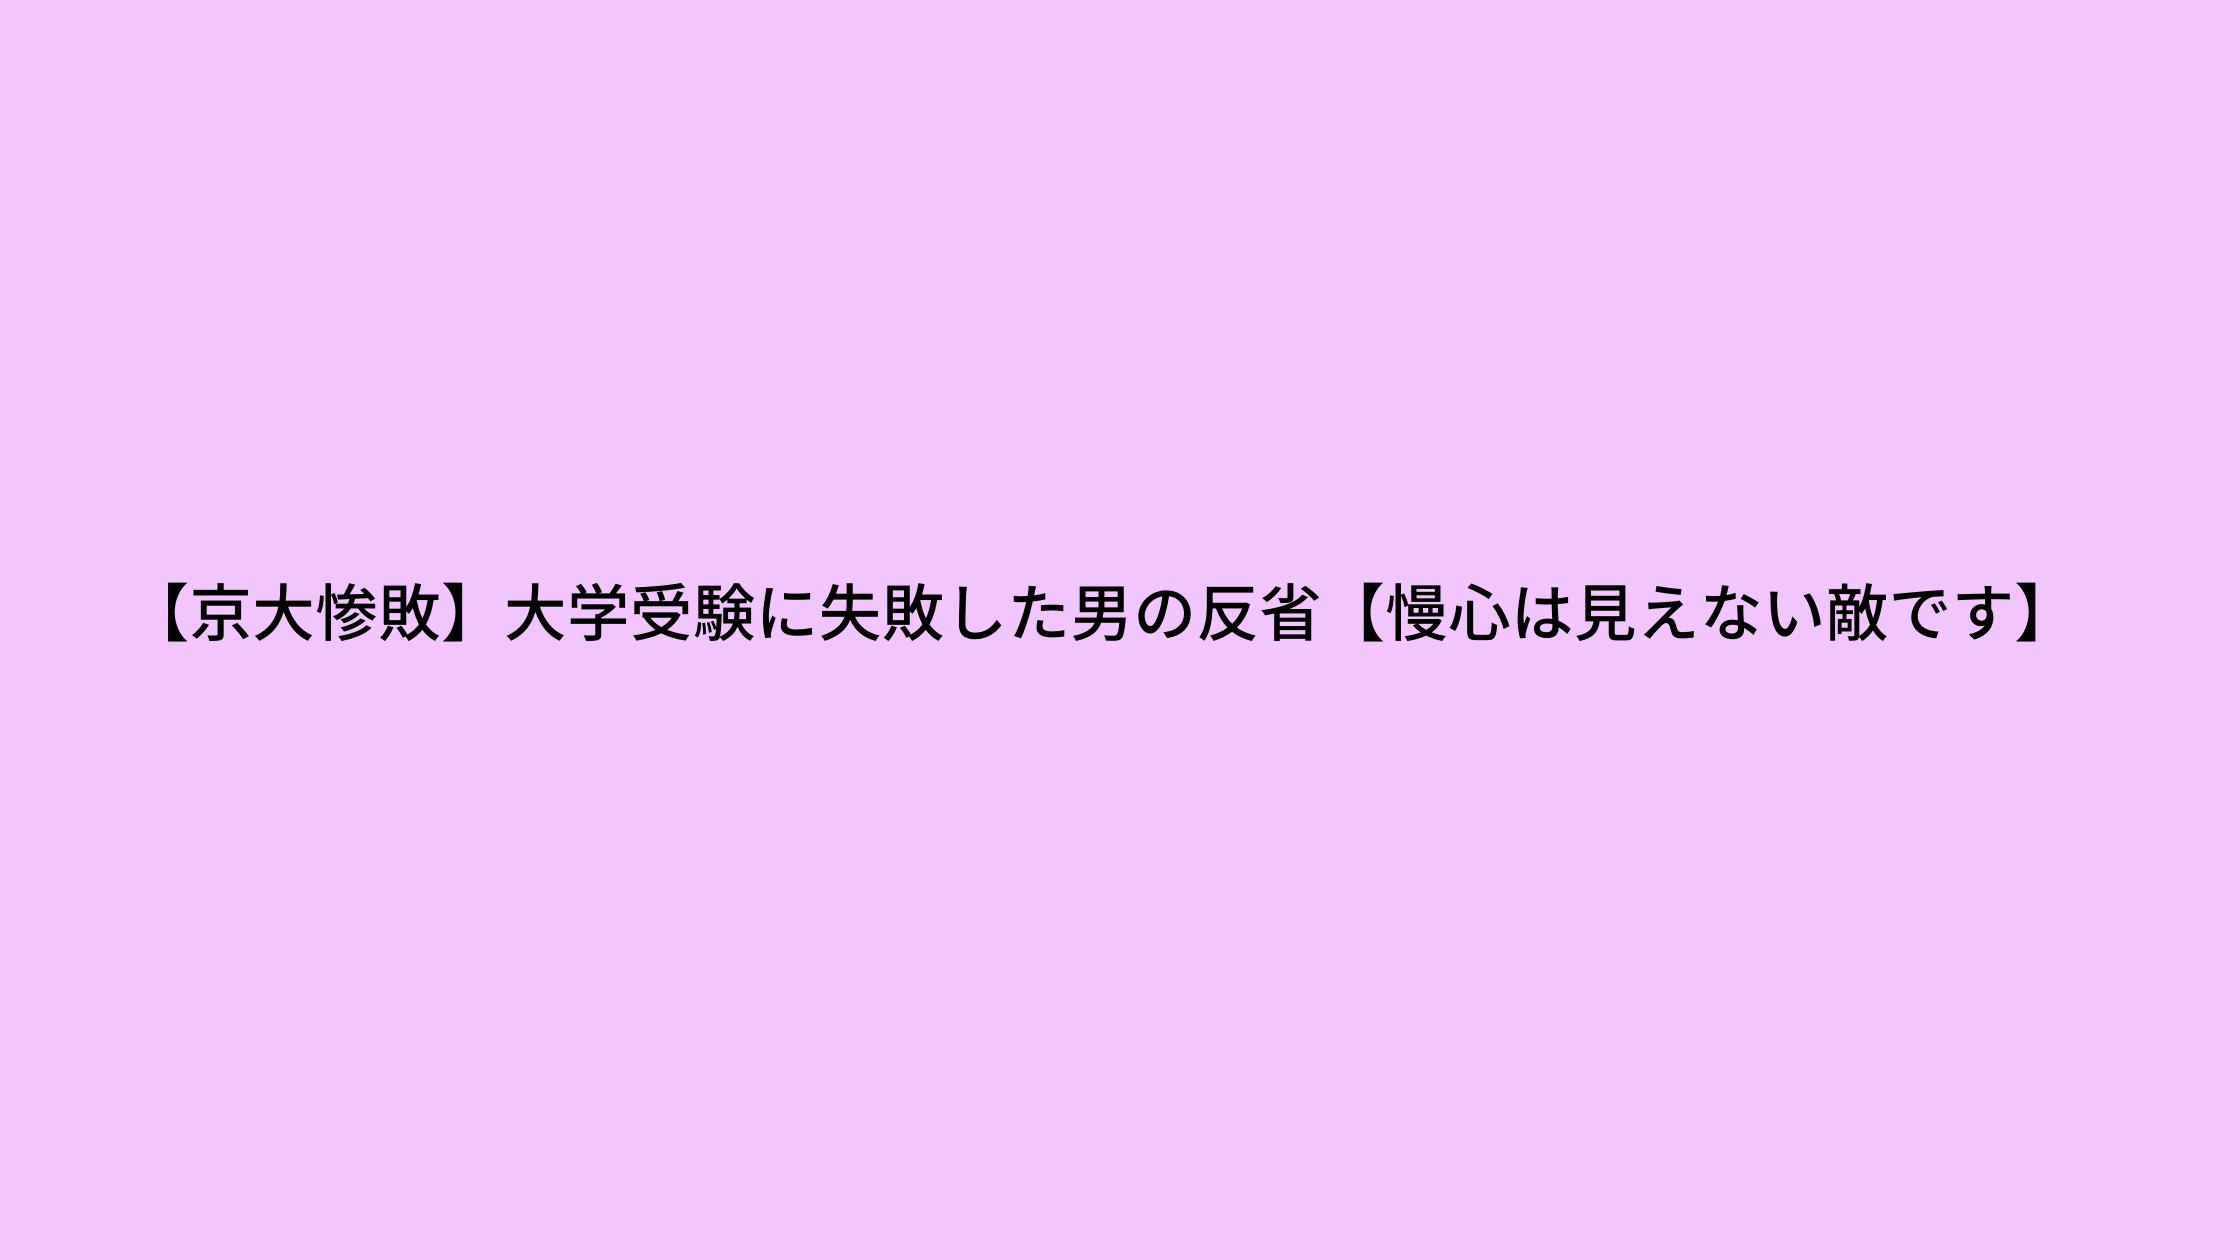 【京大惨敗】大学受験に失敗した男の反省【慢心は見えない敵です】